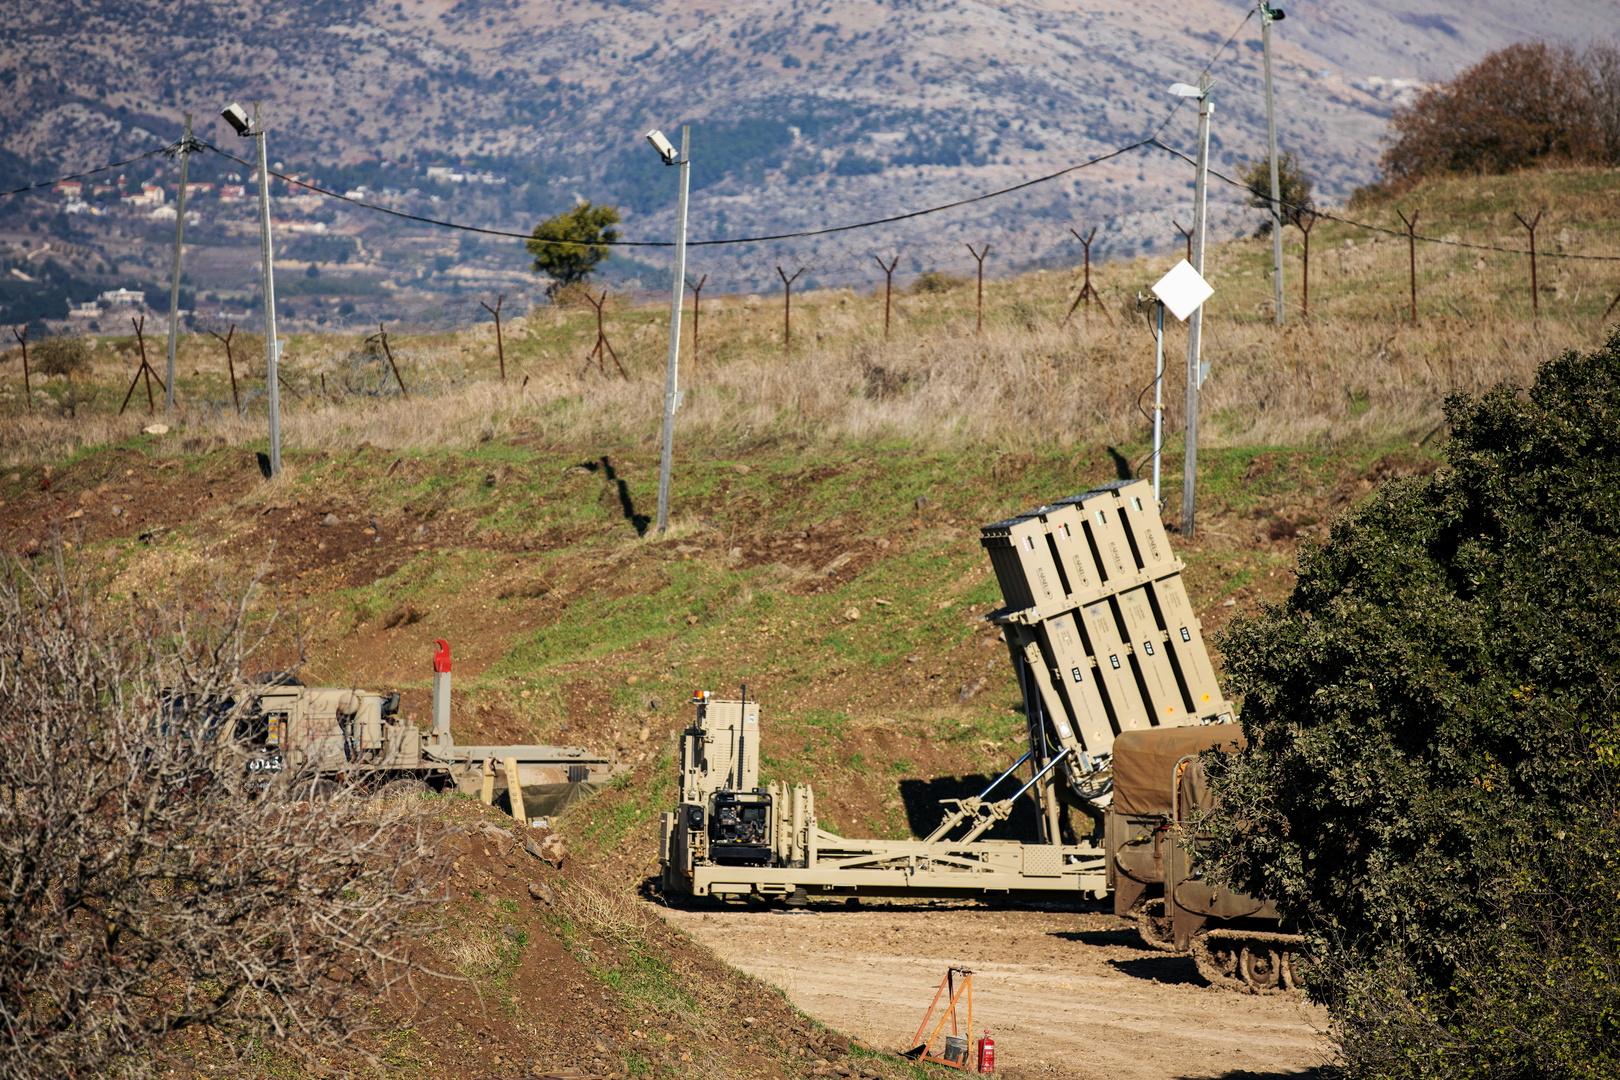 إسرائيل تعزز قبتها الحديدية في إيلات تحسبا لأي تهديد حوثي